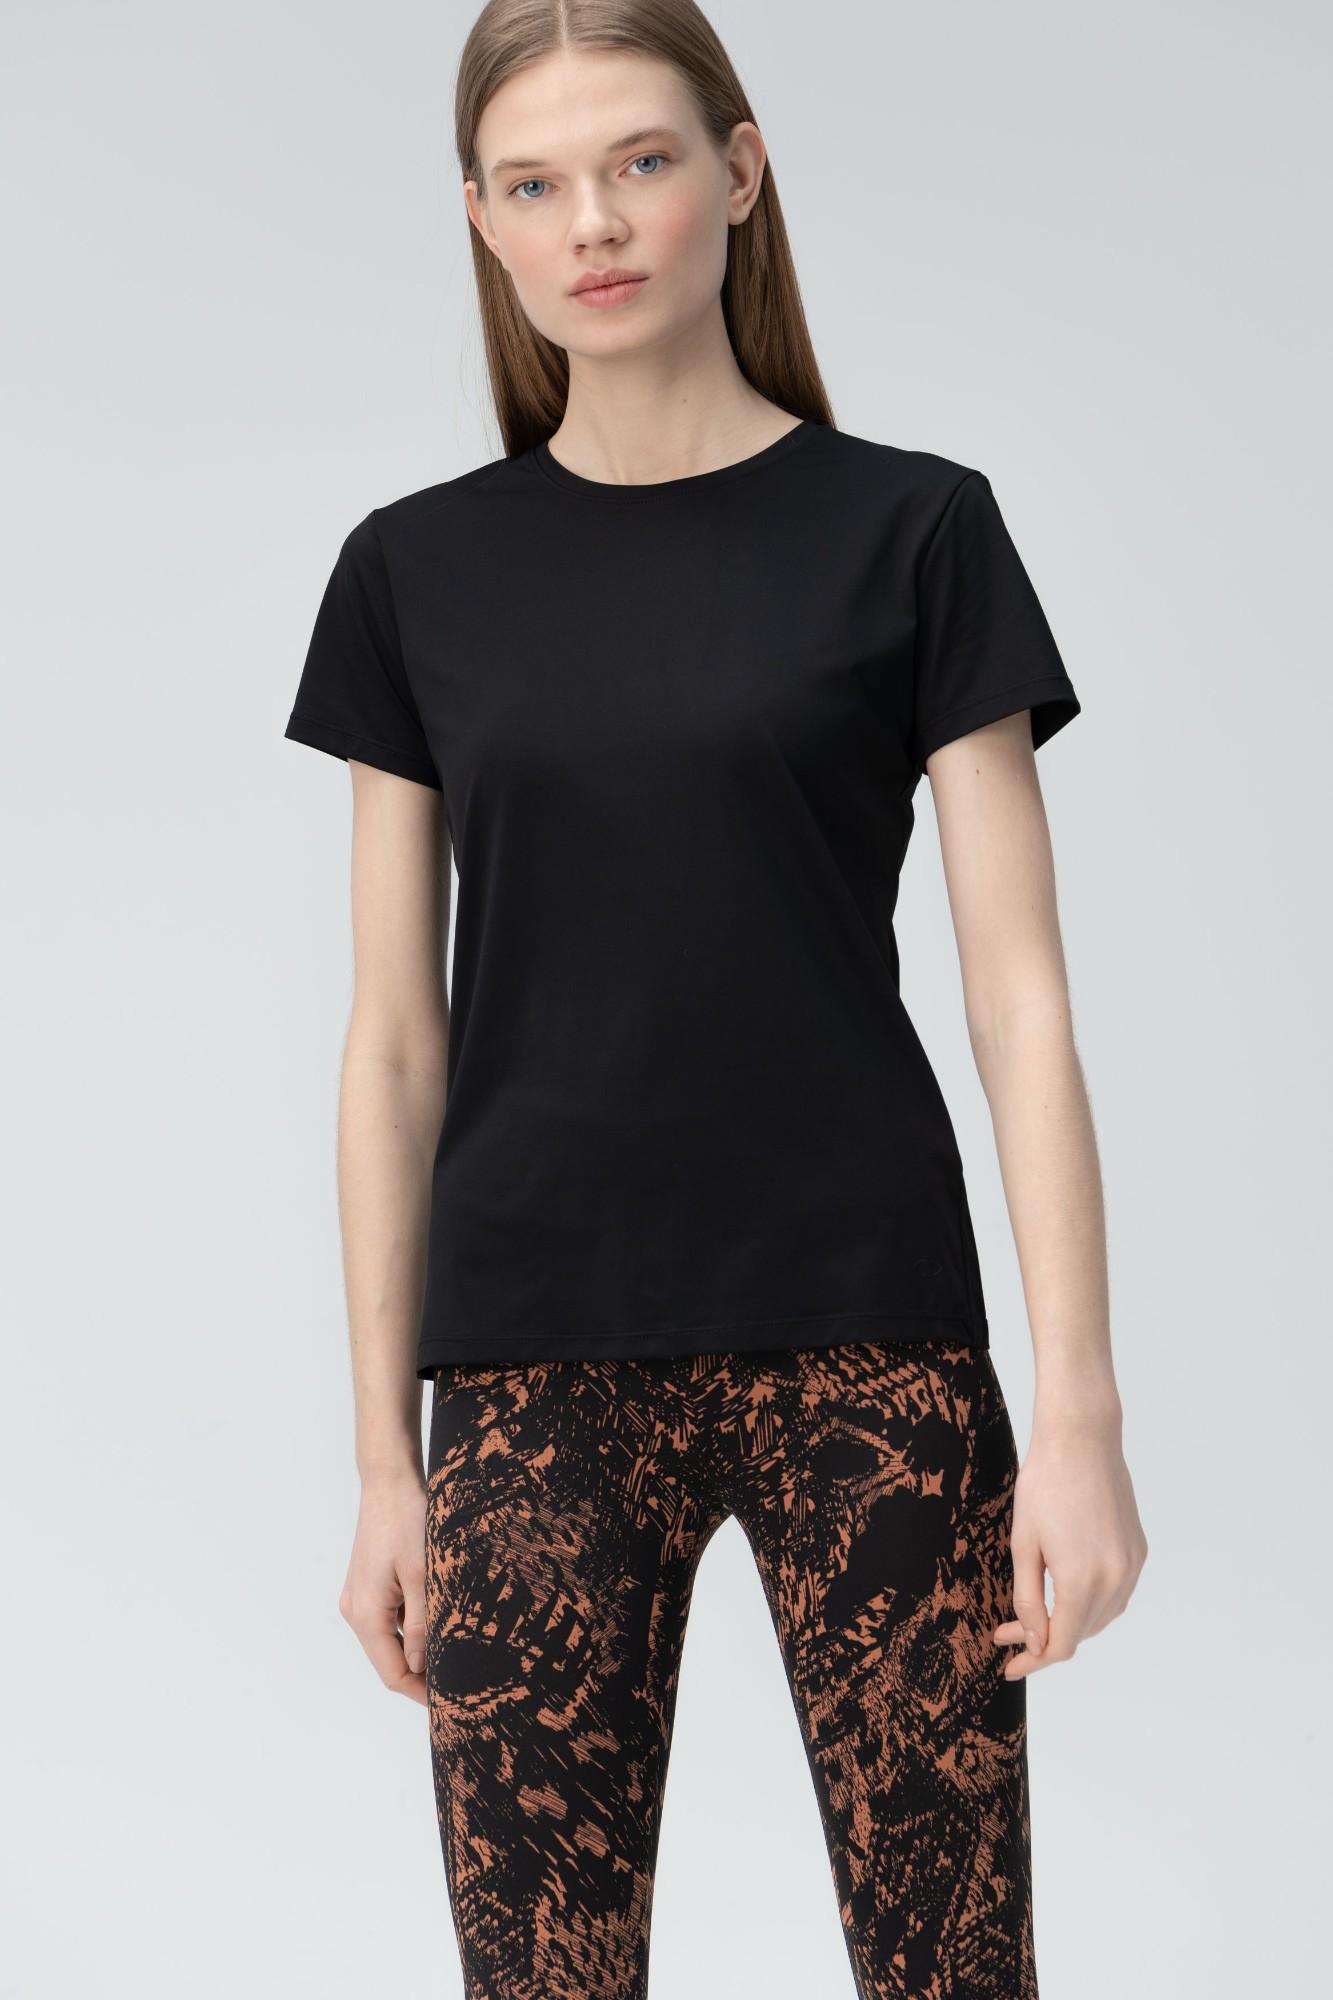 AUDIMAS Apranga Funkcionalūs marškinėliai 1821-227 Black M